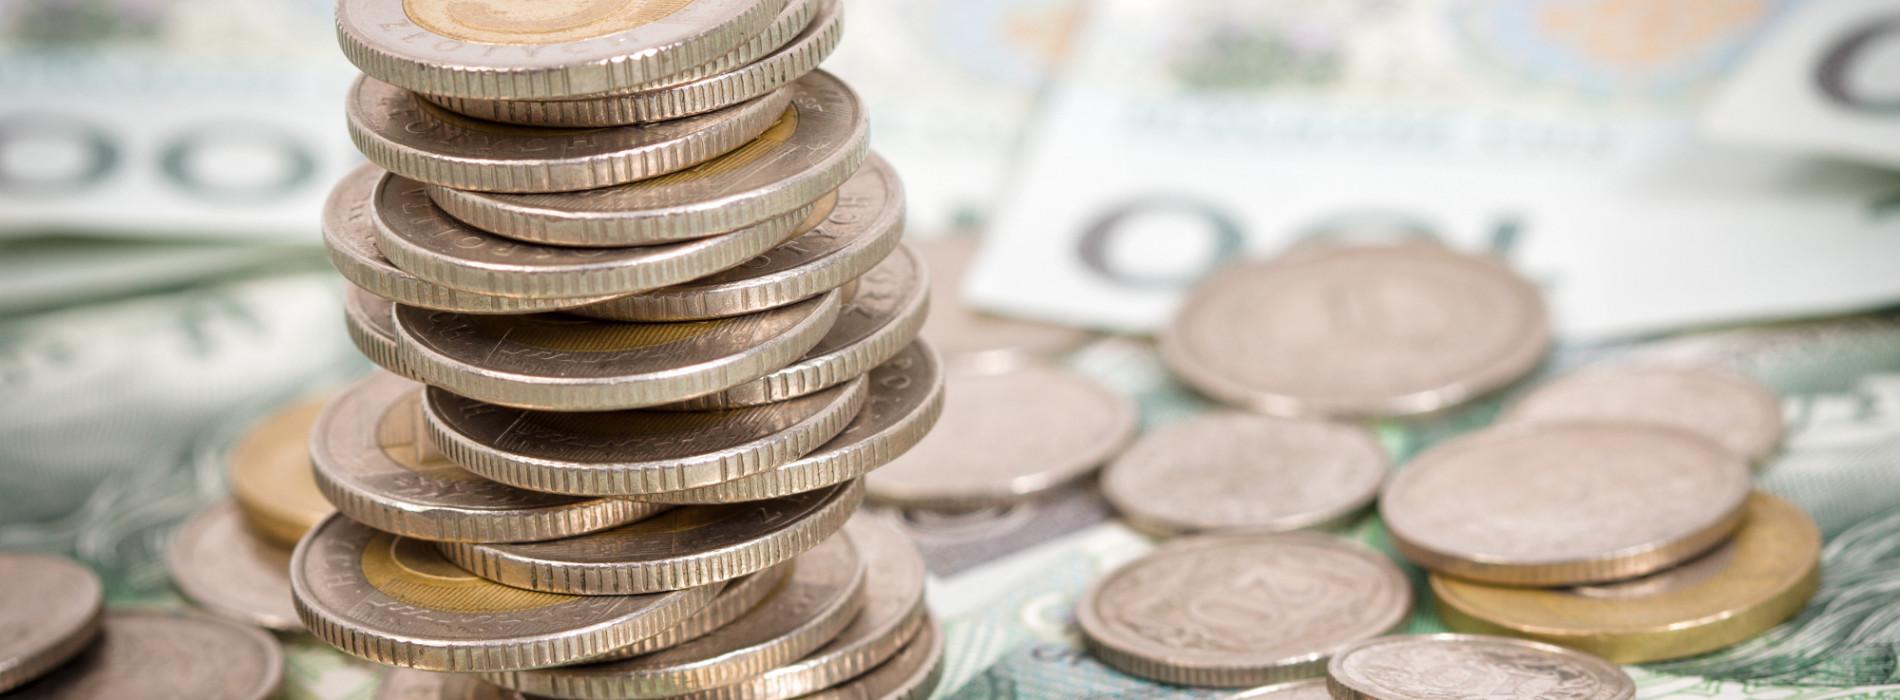 Fiskus ściągnie bieżący VAT od upadłej spółki